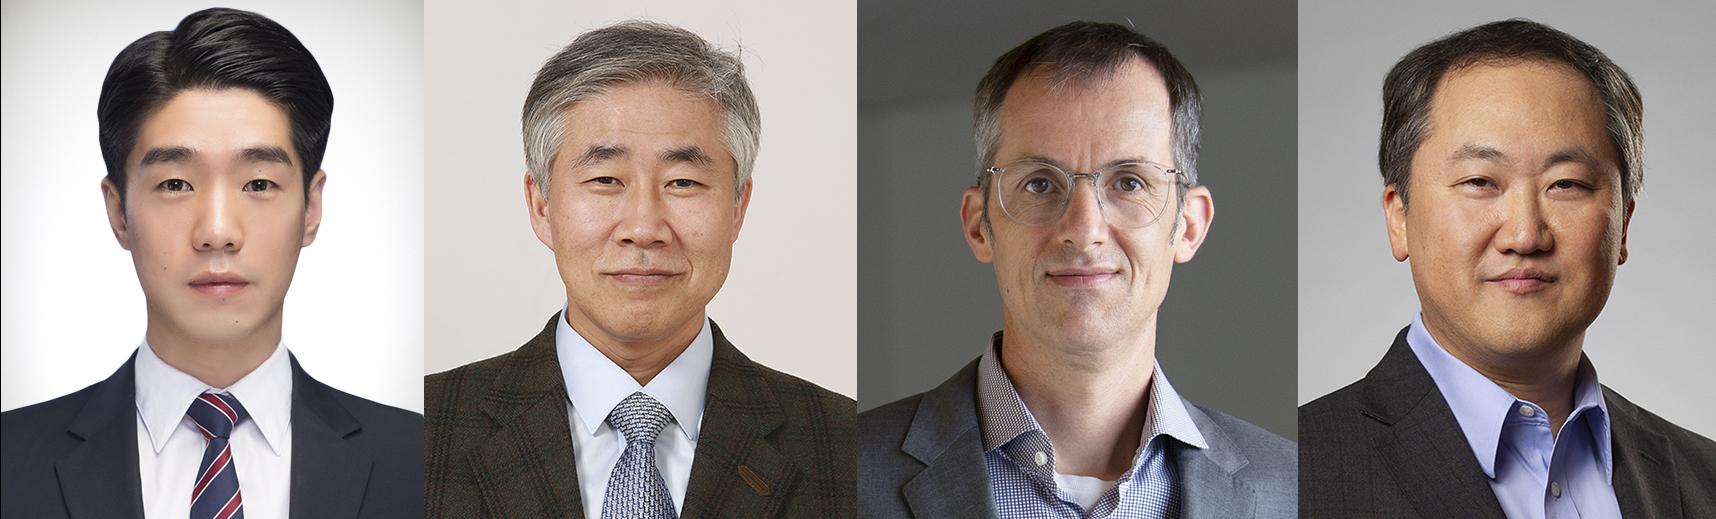 왼쪽부터) 김요나 백선하 페어락 찰스리